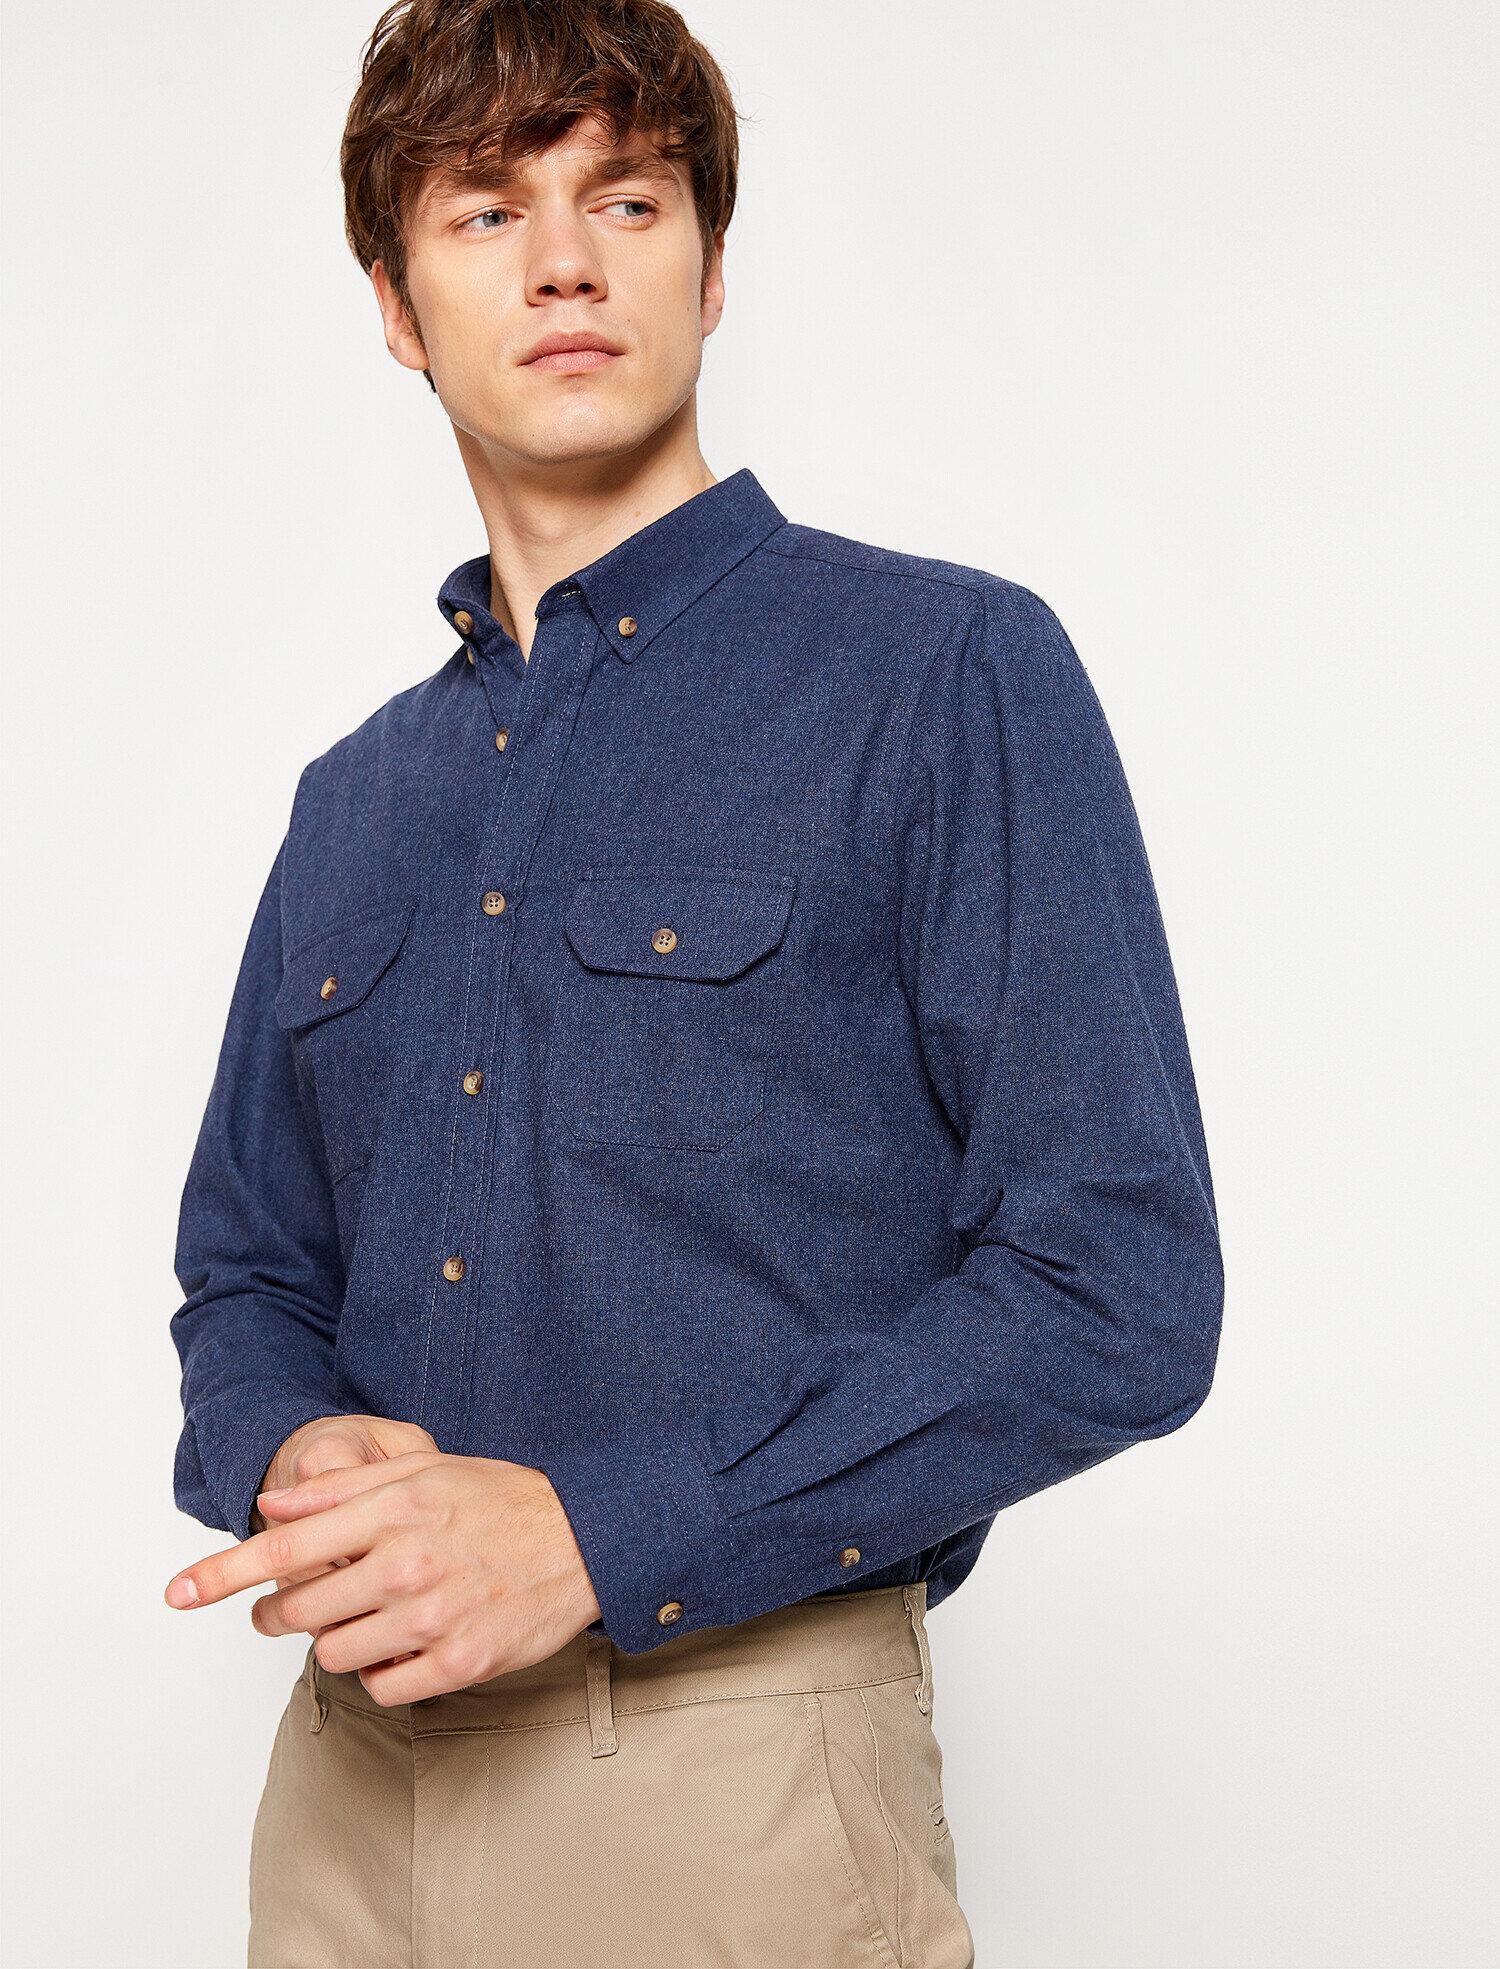 Koton Erkek Cep Detayli Gömlek Lacivert Ürün Resmi